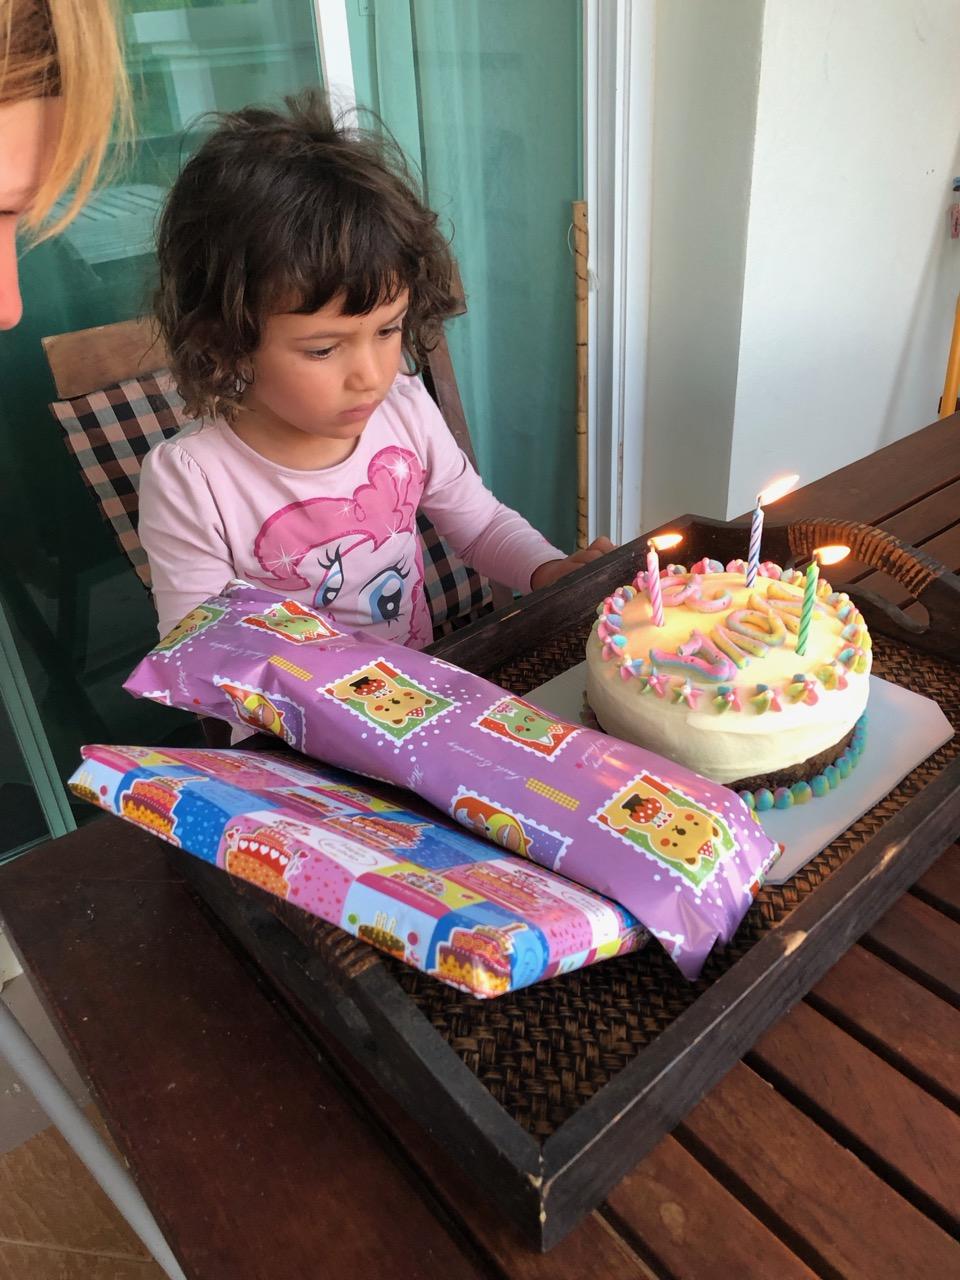 Novas födelsedag med tårta till frukost. Sofia gick loss ordentligt så tårtan kostade mer än de flesta av våra middagar….